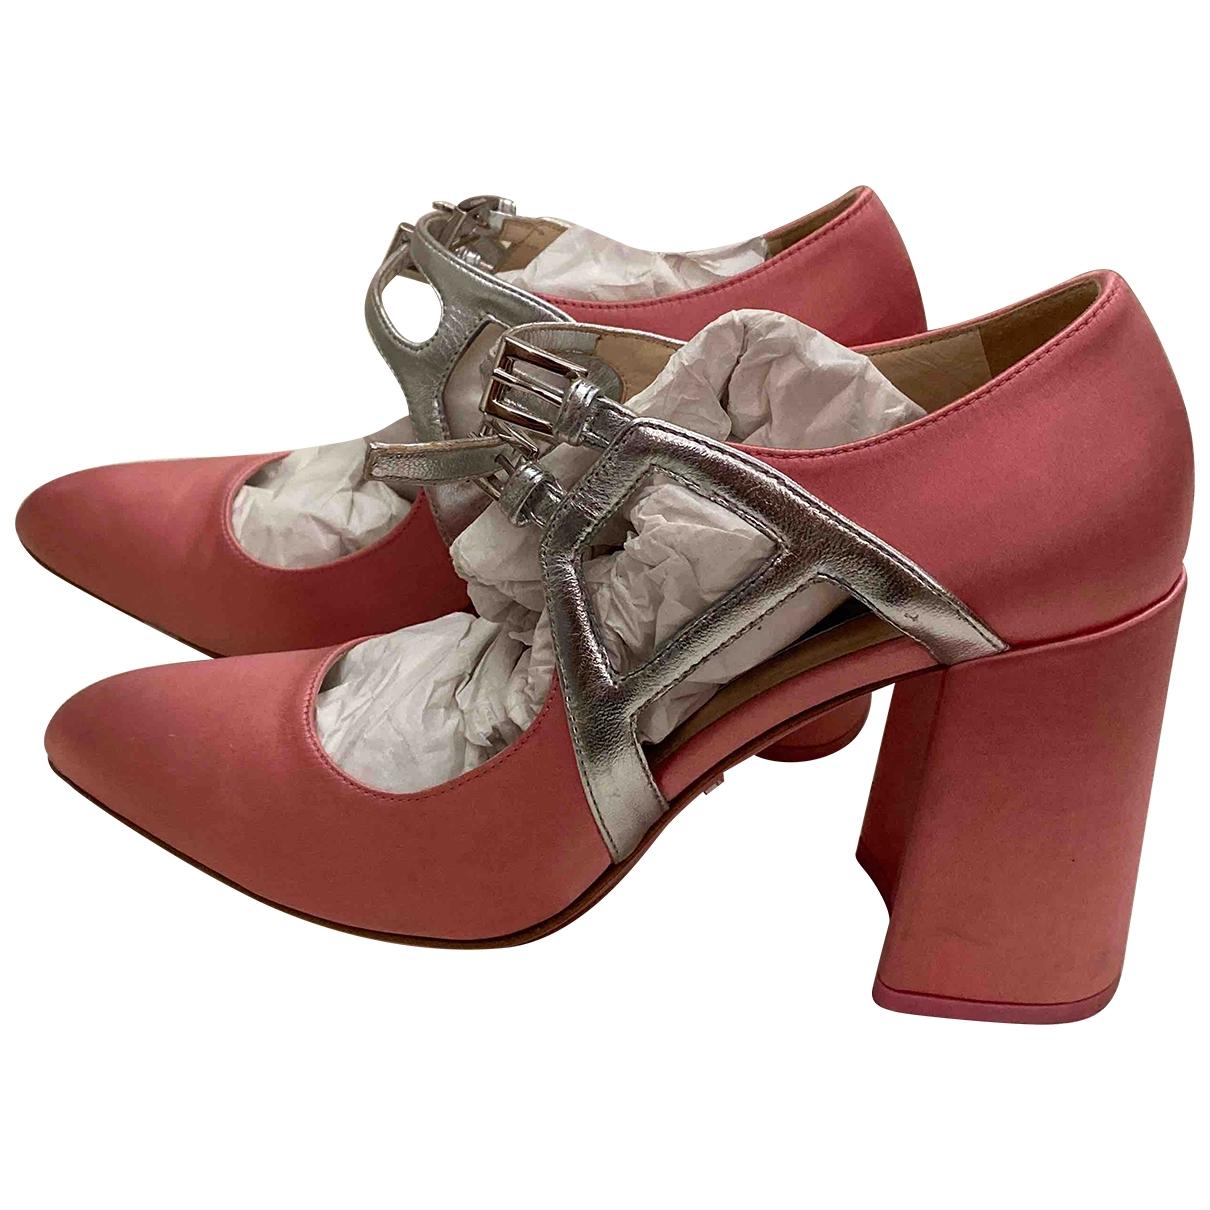 Prada - Escarpins Mary Jane pour femme en toile - rose